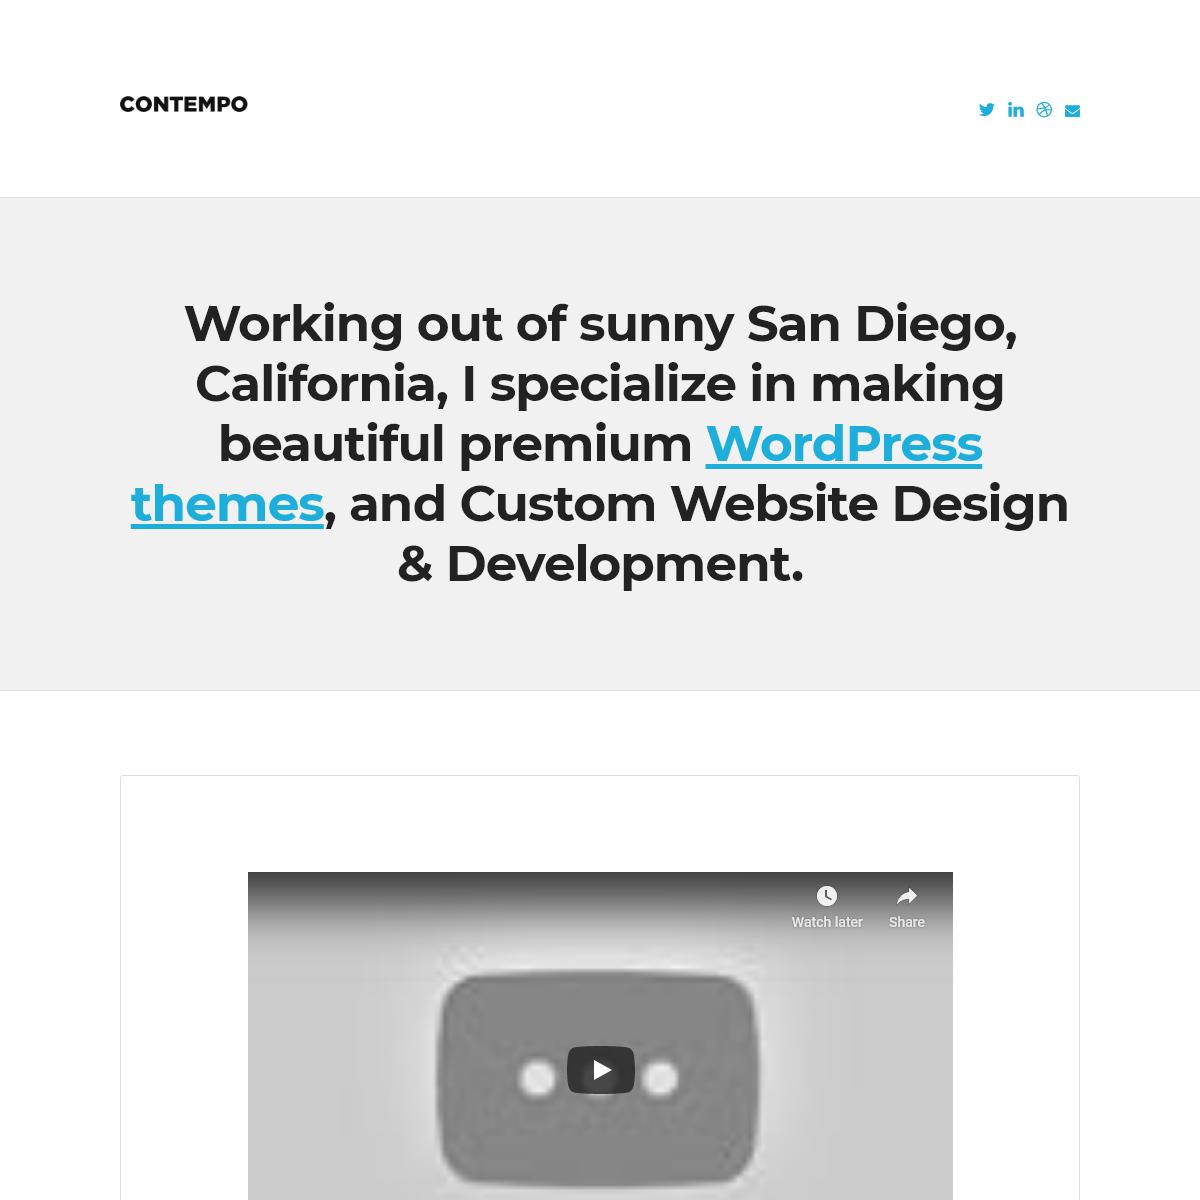 Contempo - WordPress Design & Development by Chris Robinson